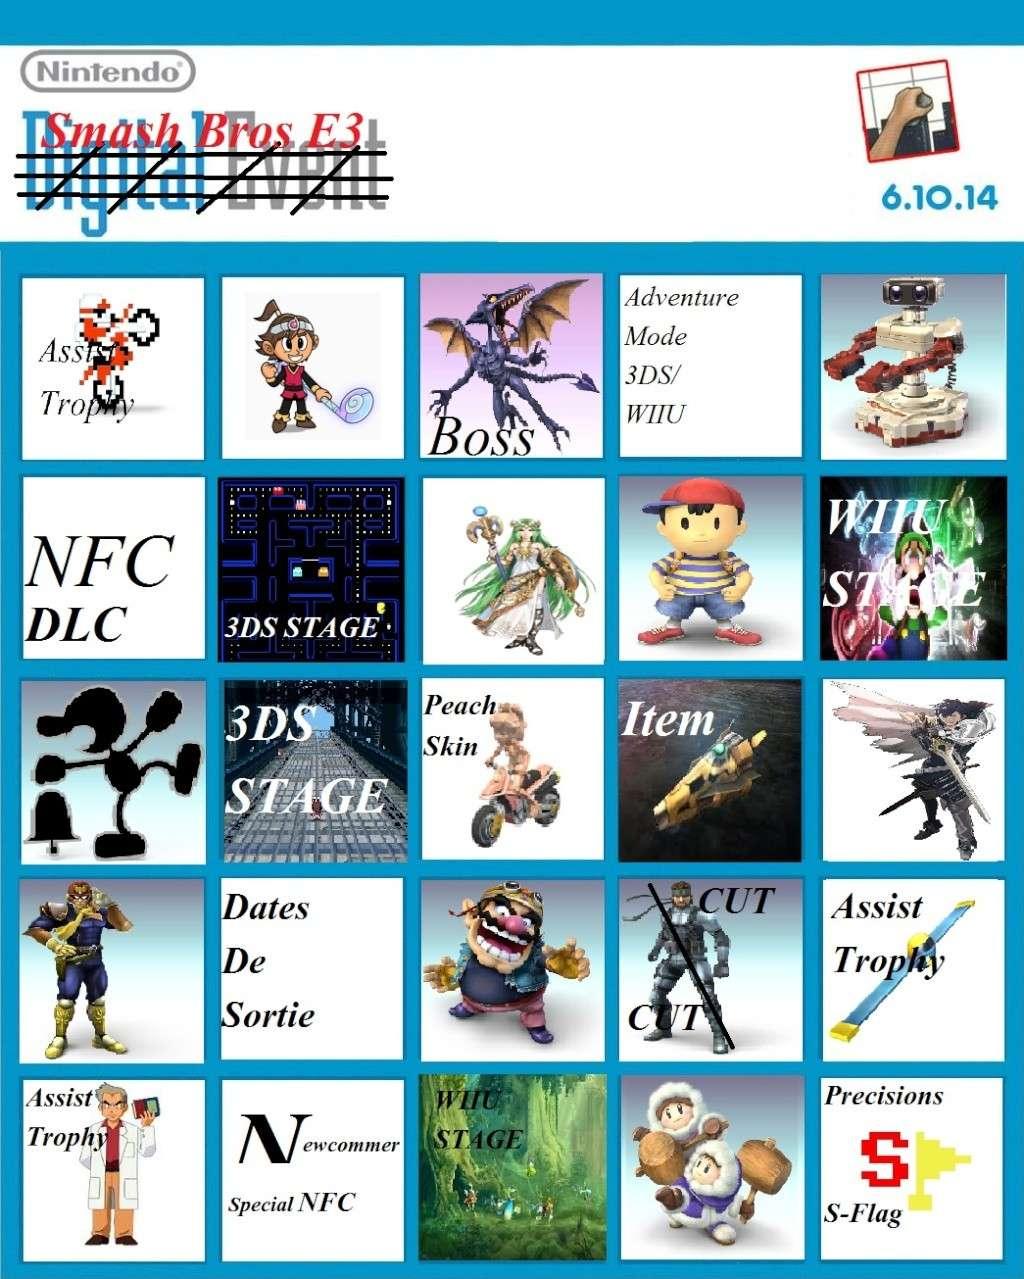 Les Prédictions Smash-E3 - Page 2 66490210